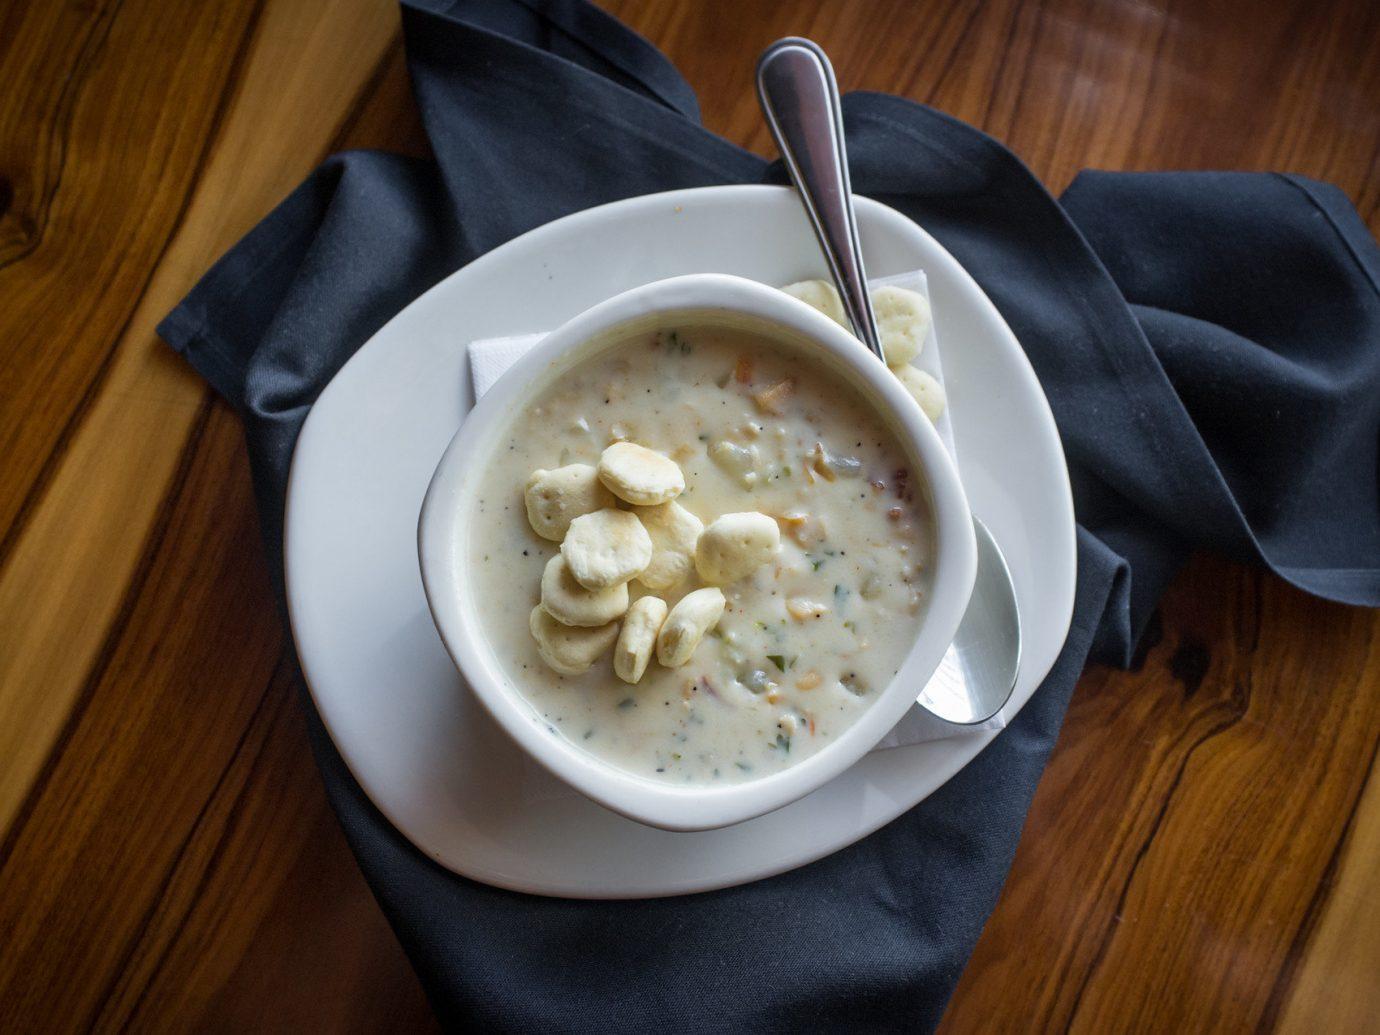 Food + Drink dish floor food indoor meal breakfast produce wooden soup flavor cuisine